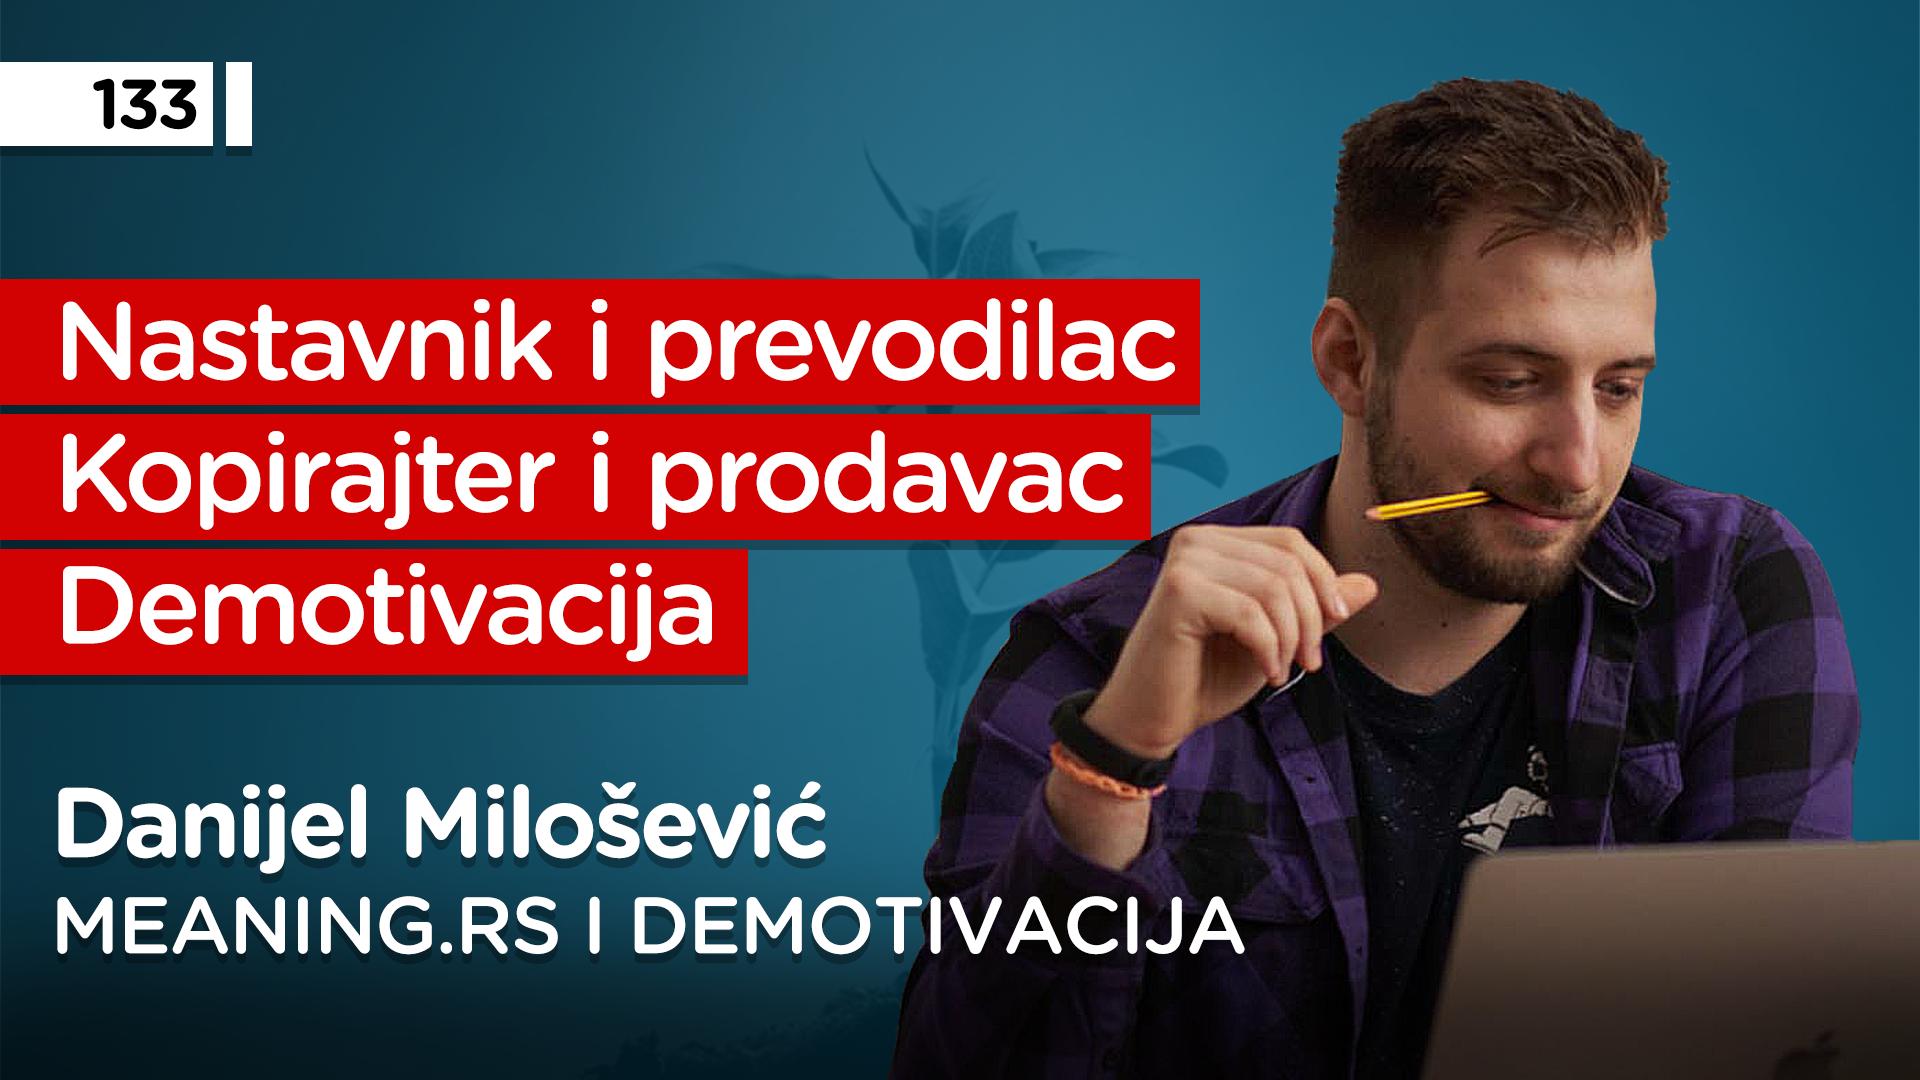 EP133: Danijel Milošević